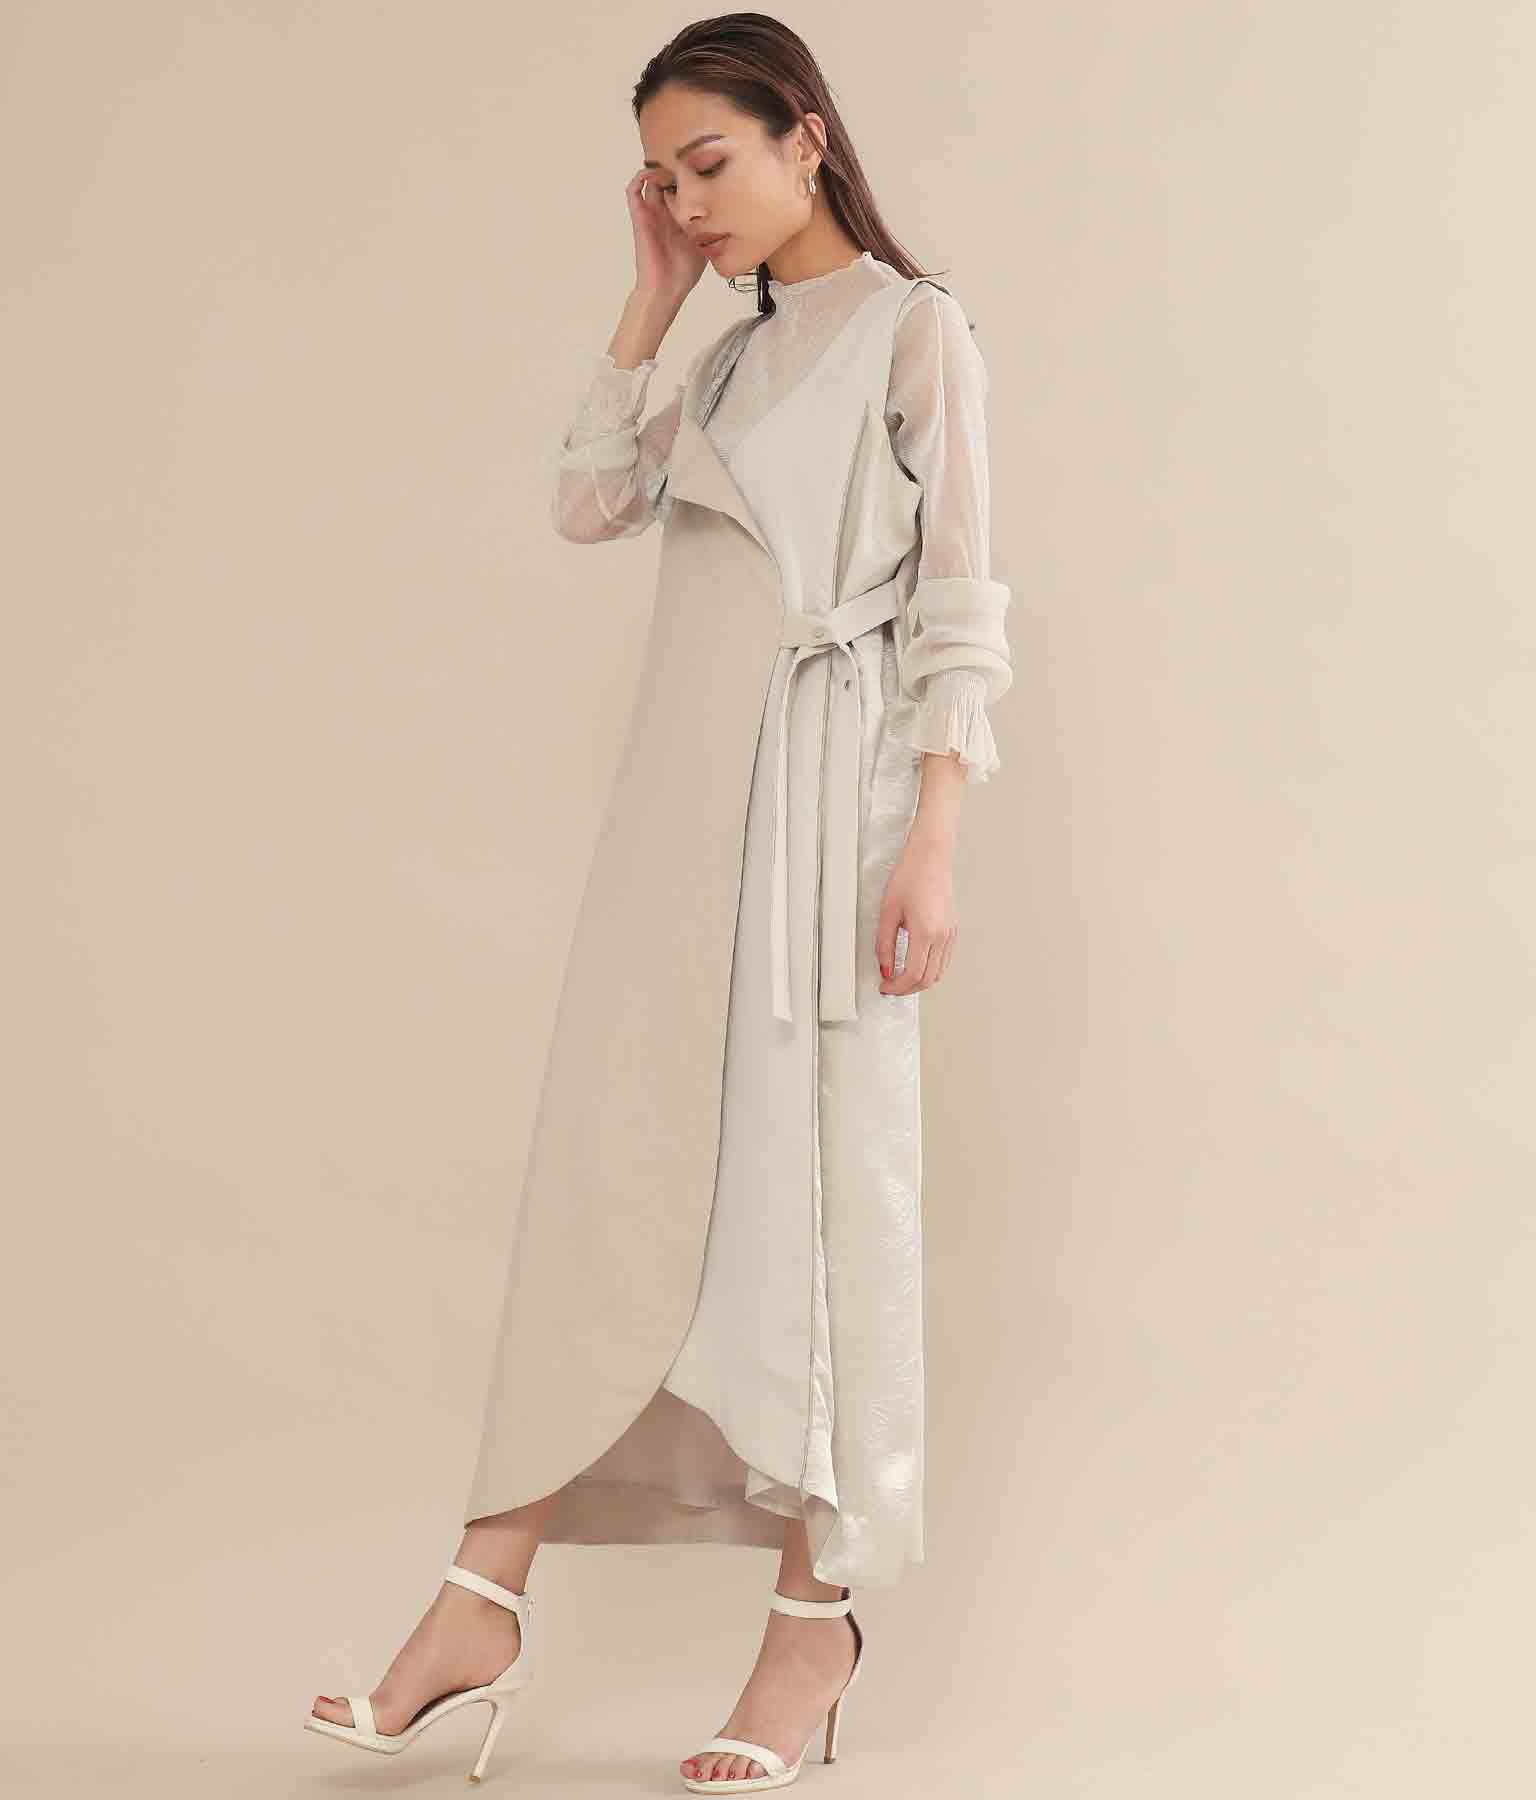 ラウンドヘムサテン切替ジャンパースカート(ワンピース・ドレス/ロングワンピ) | Alluge